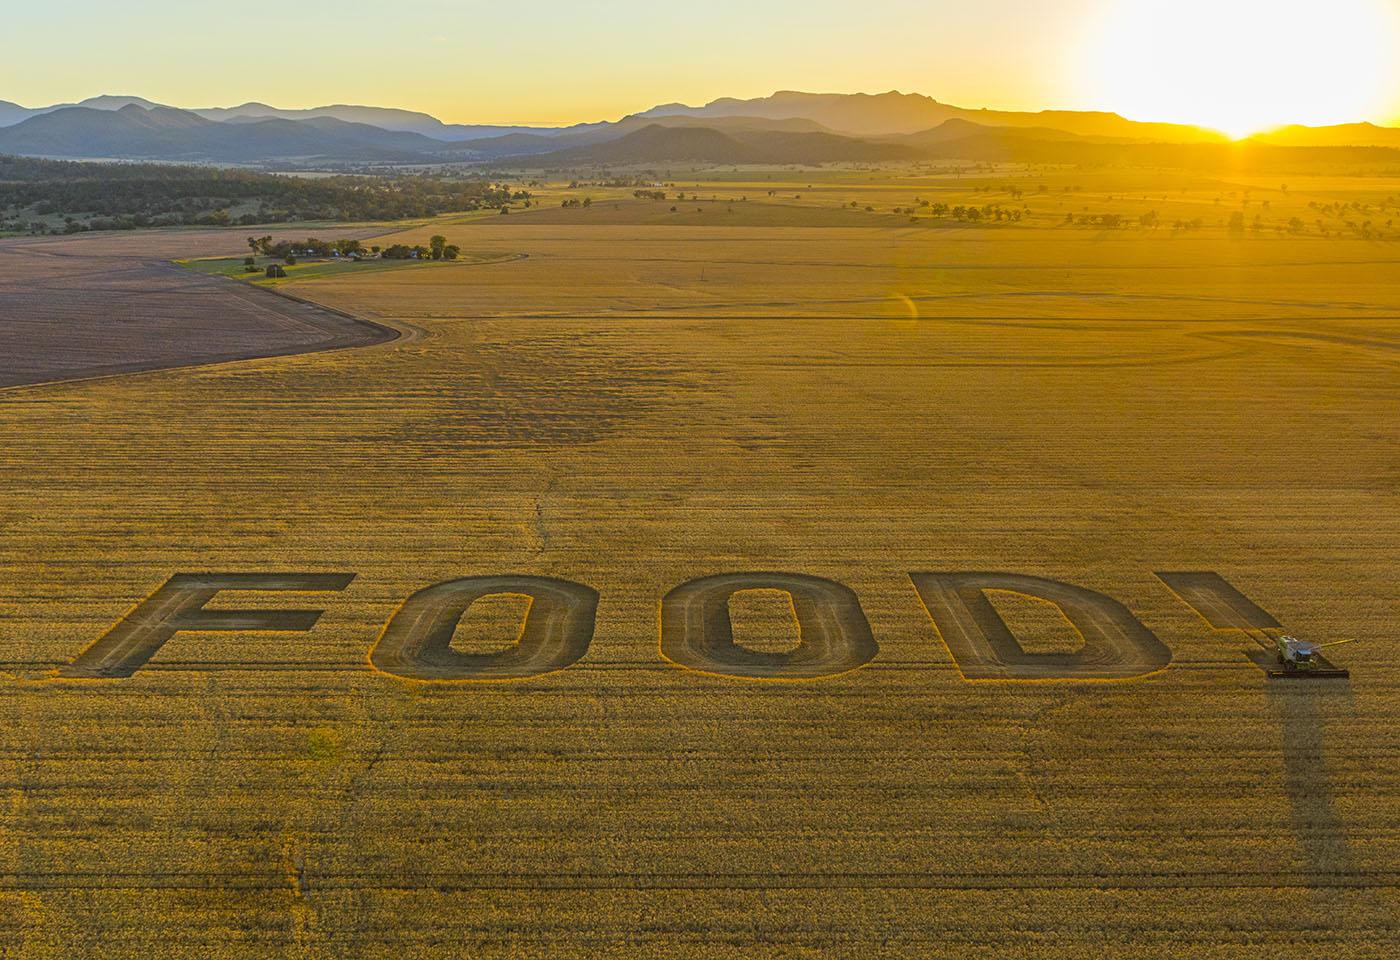 Landscape image of FOOD! written in a crop